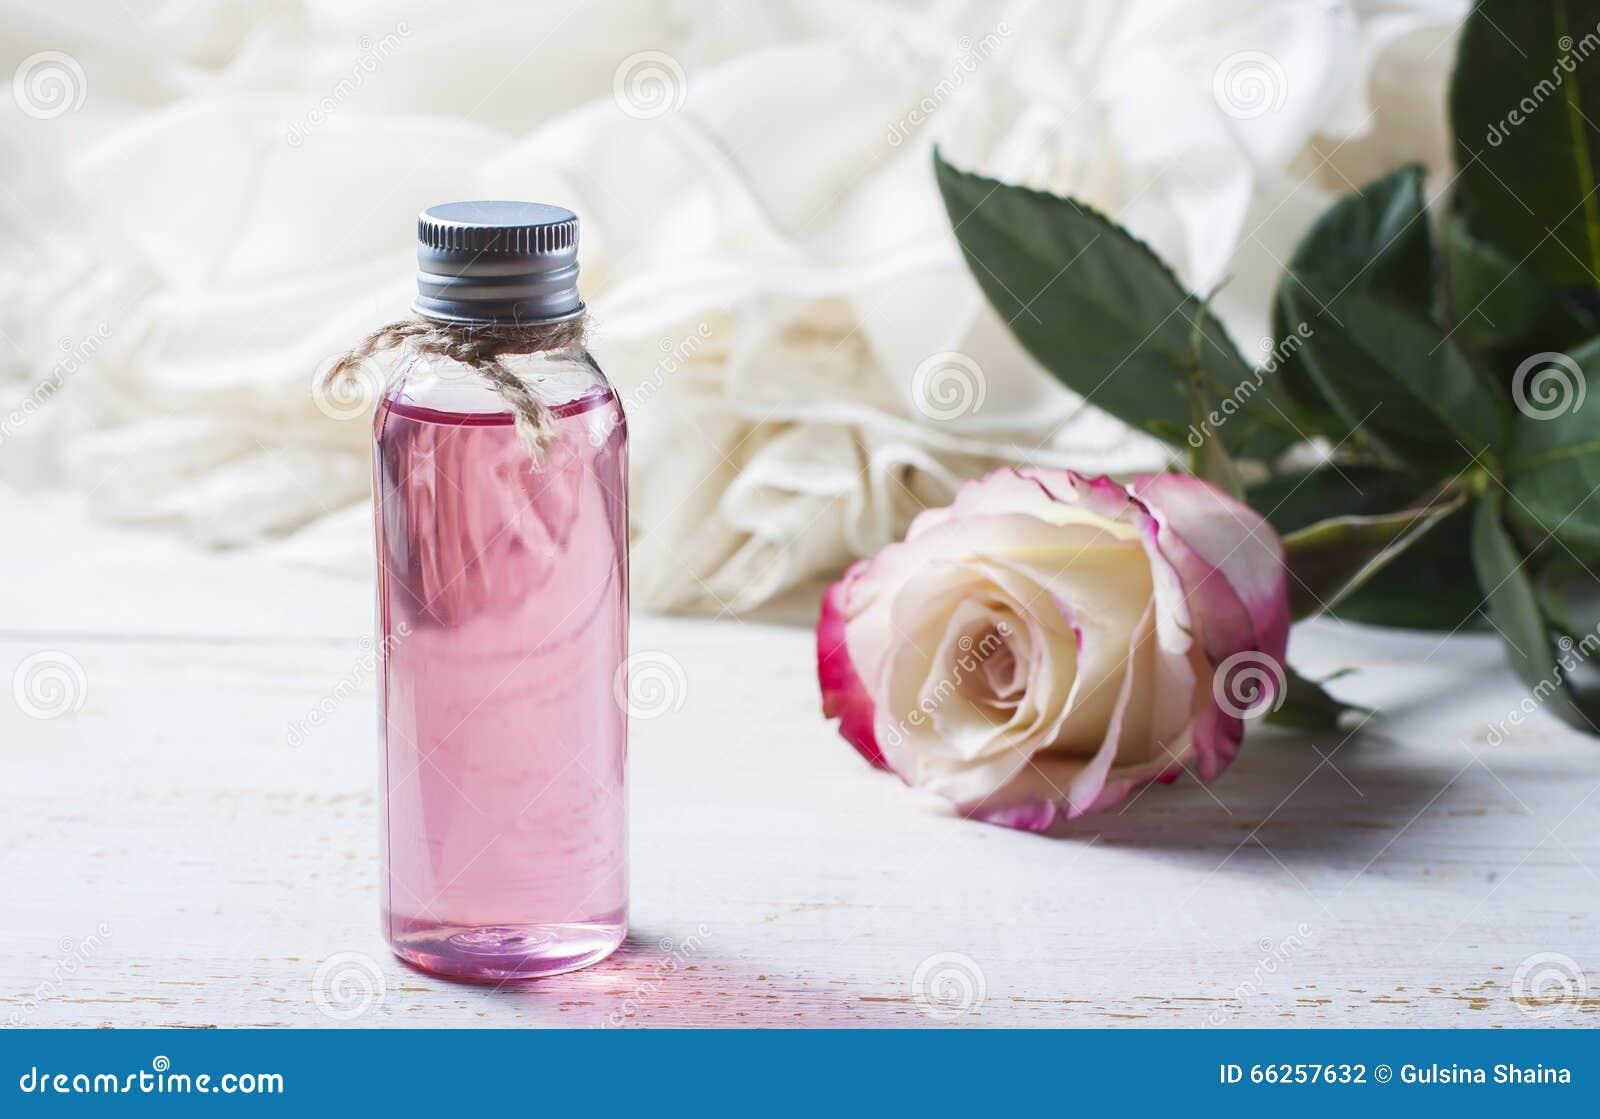 Acqua di rose profumata in una bottiglia su una tavola di legno